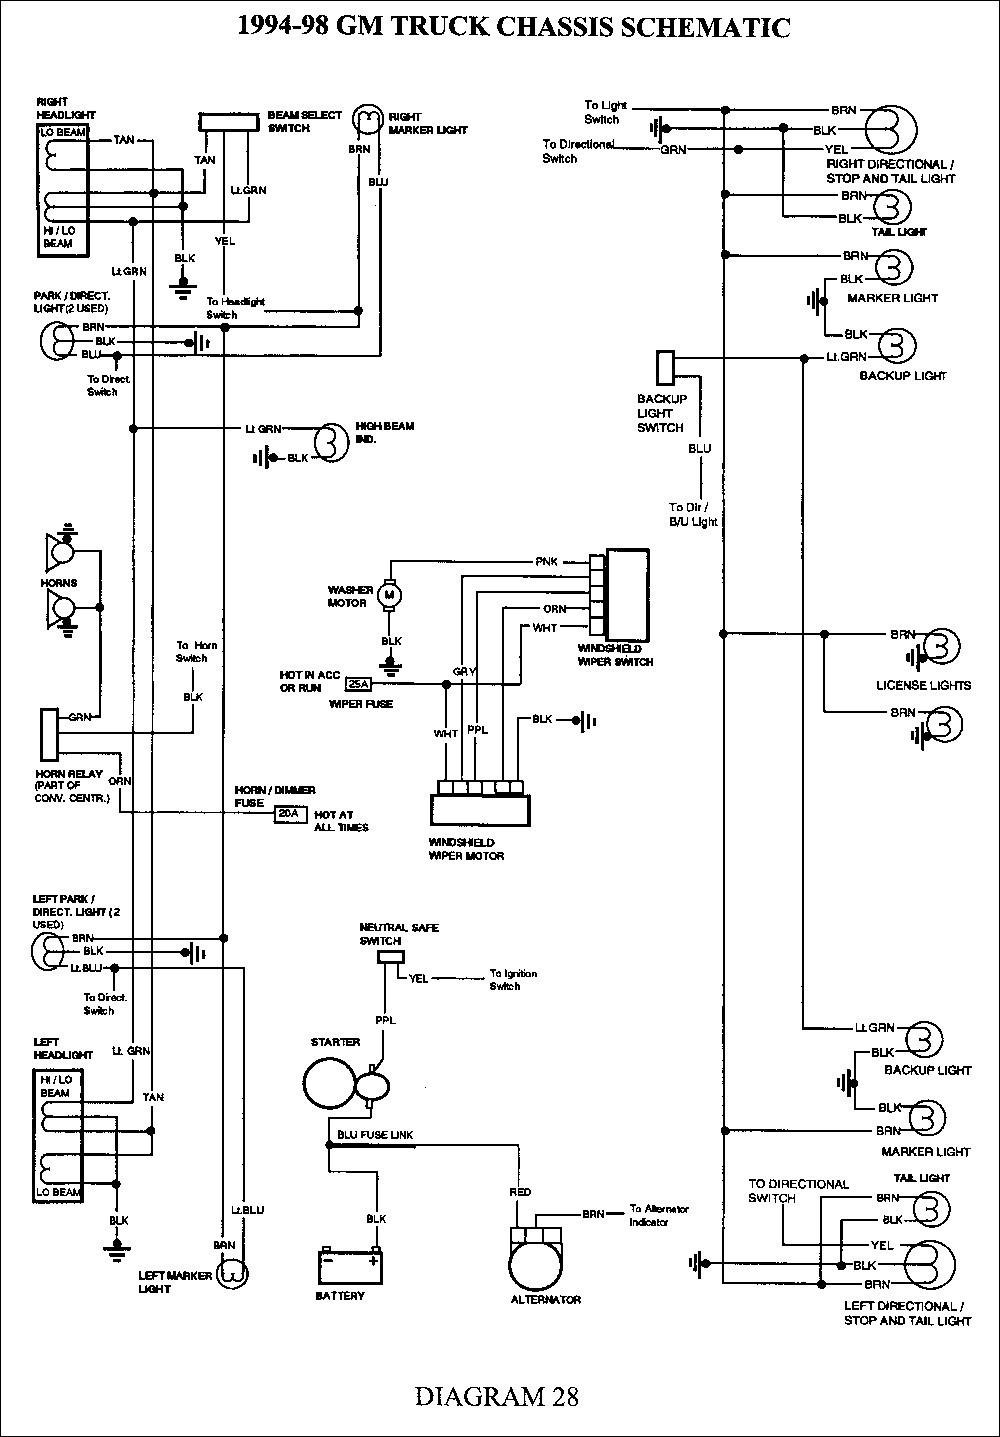 02 Tracker Wiring Diagrams 2002 Chevy Silverado Trailer Wiring Diagram Of 02 Tracker Wiring Diagrams